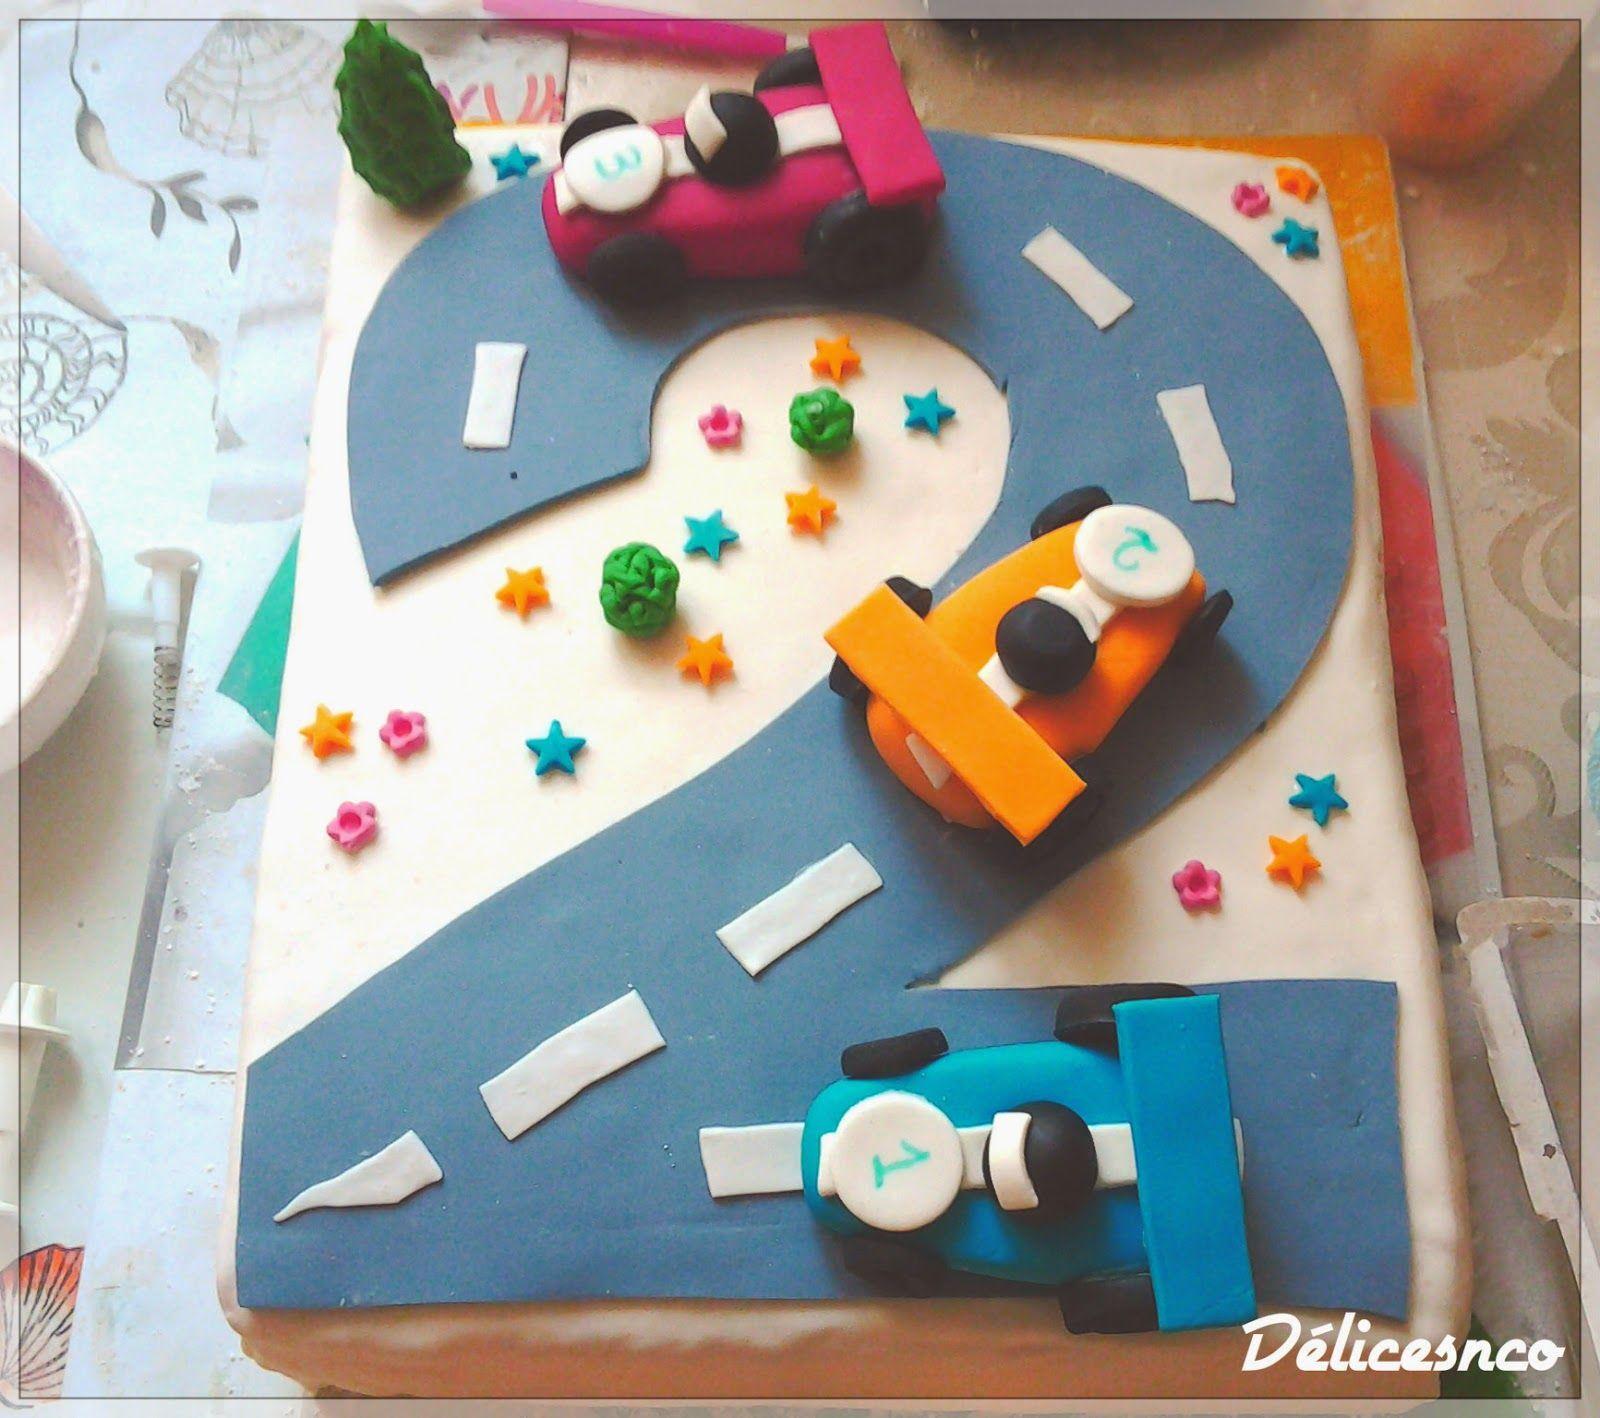 mon bibou deux ans enfin eu deux ans et pour son anniversaire j anniversaire voitureanniversaire garcongateau - Gateau Anniversaire Garon 2 Ans